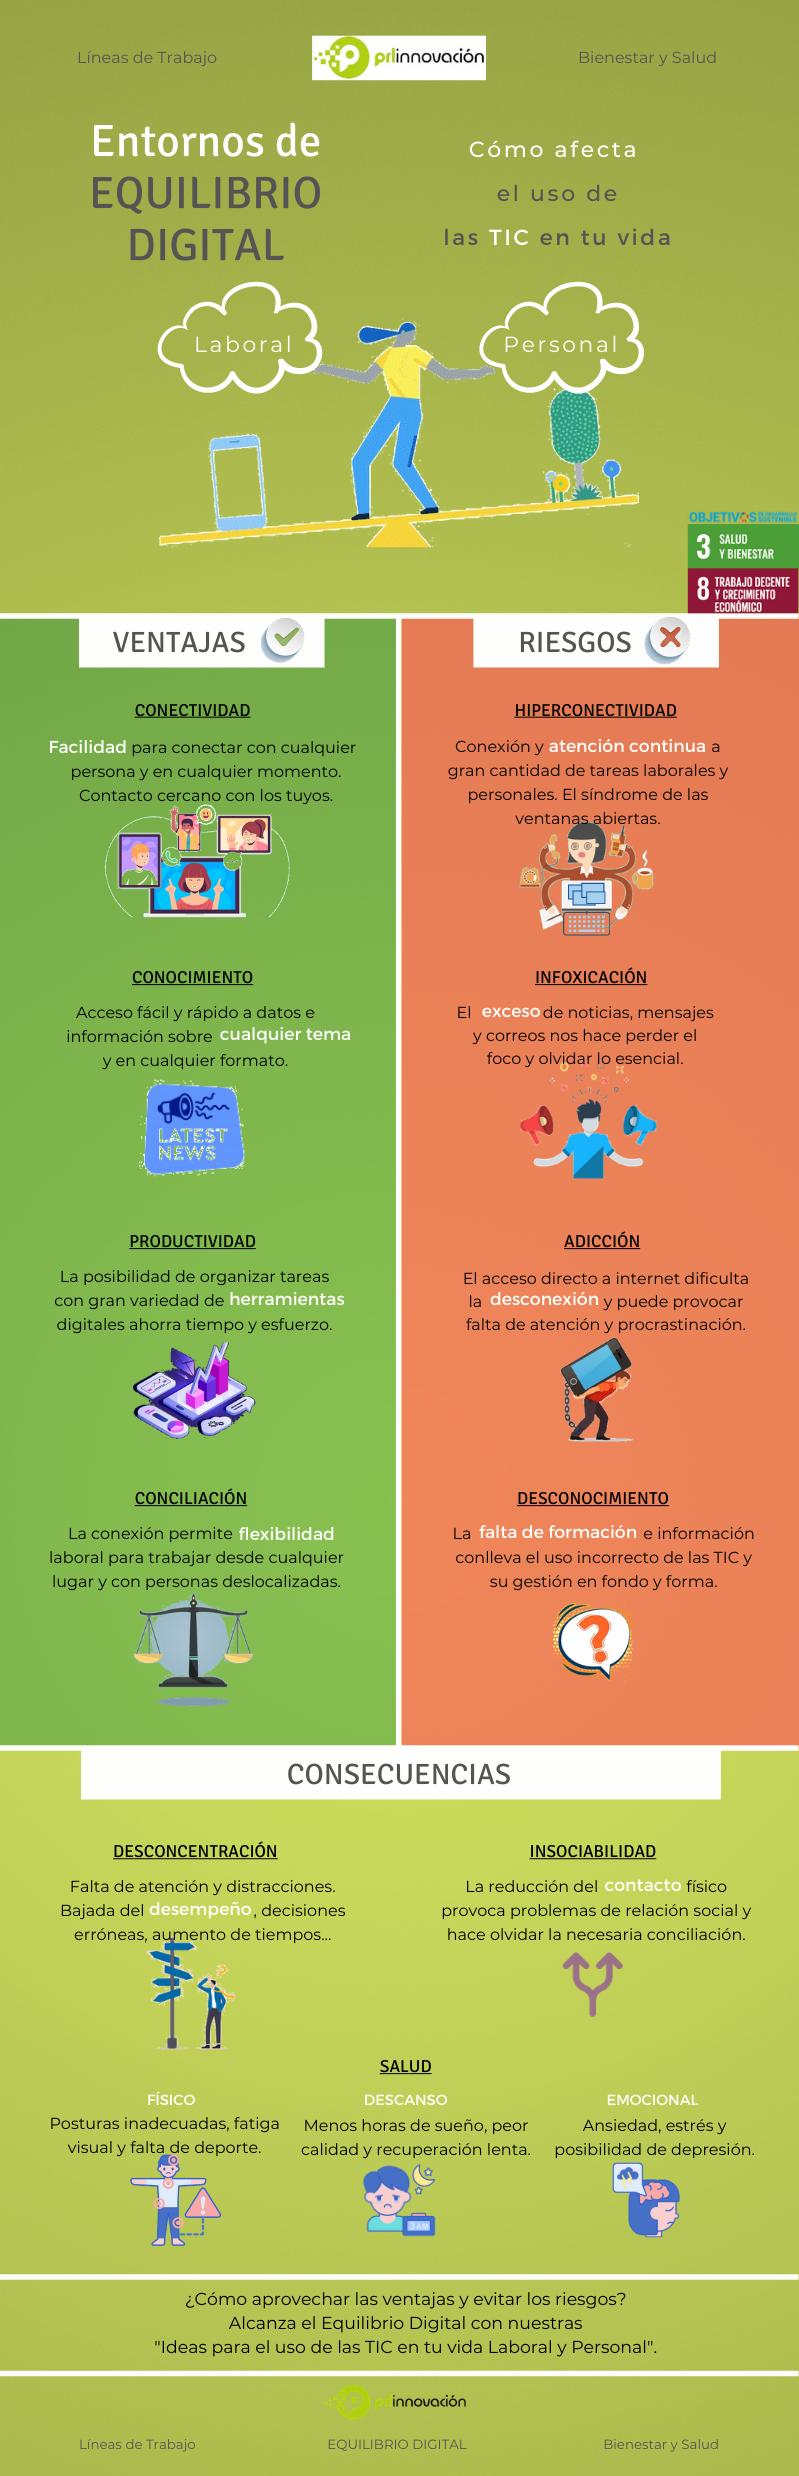 Entornos de Equilibrio Digital. Ventajas, riesgos y consecuencias del uso de las TIC en tu vida Laboral y Personal